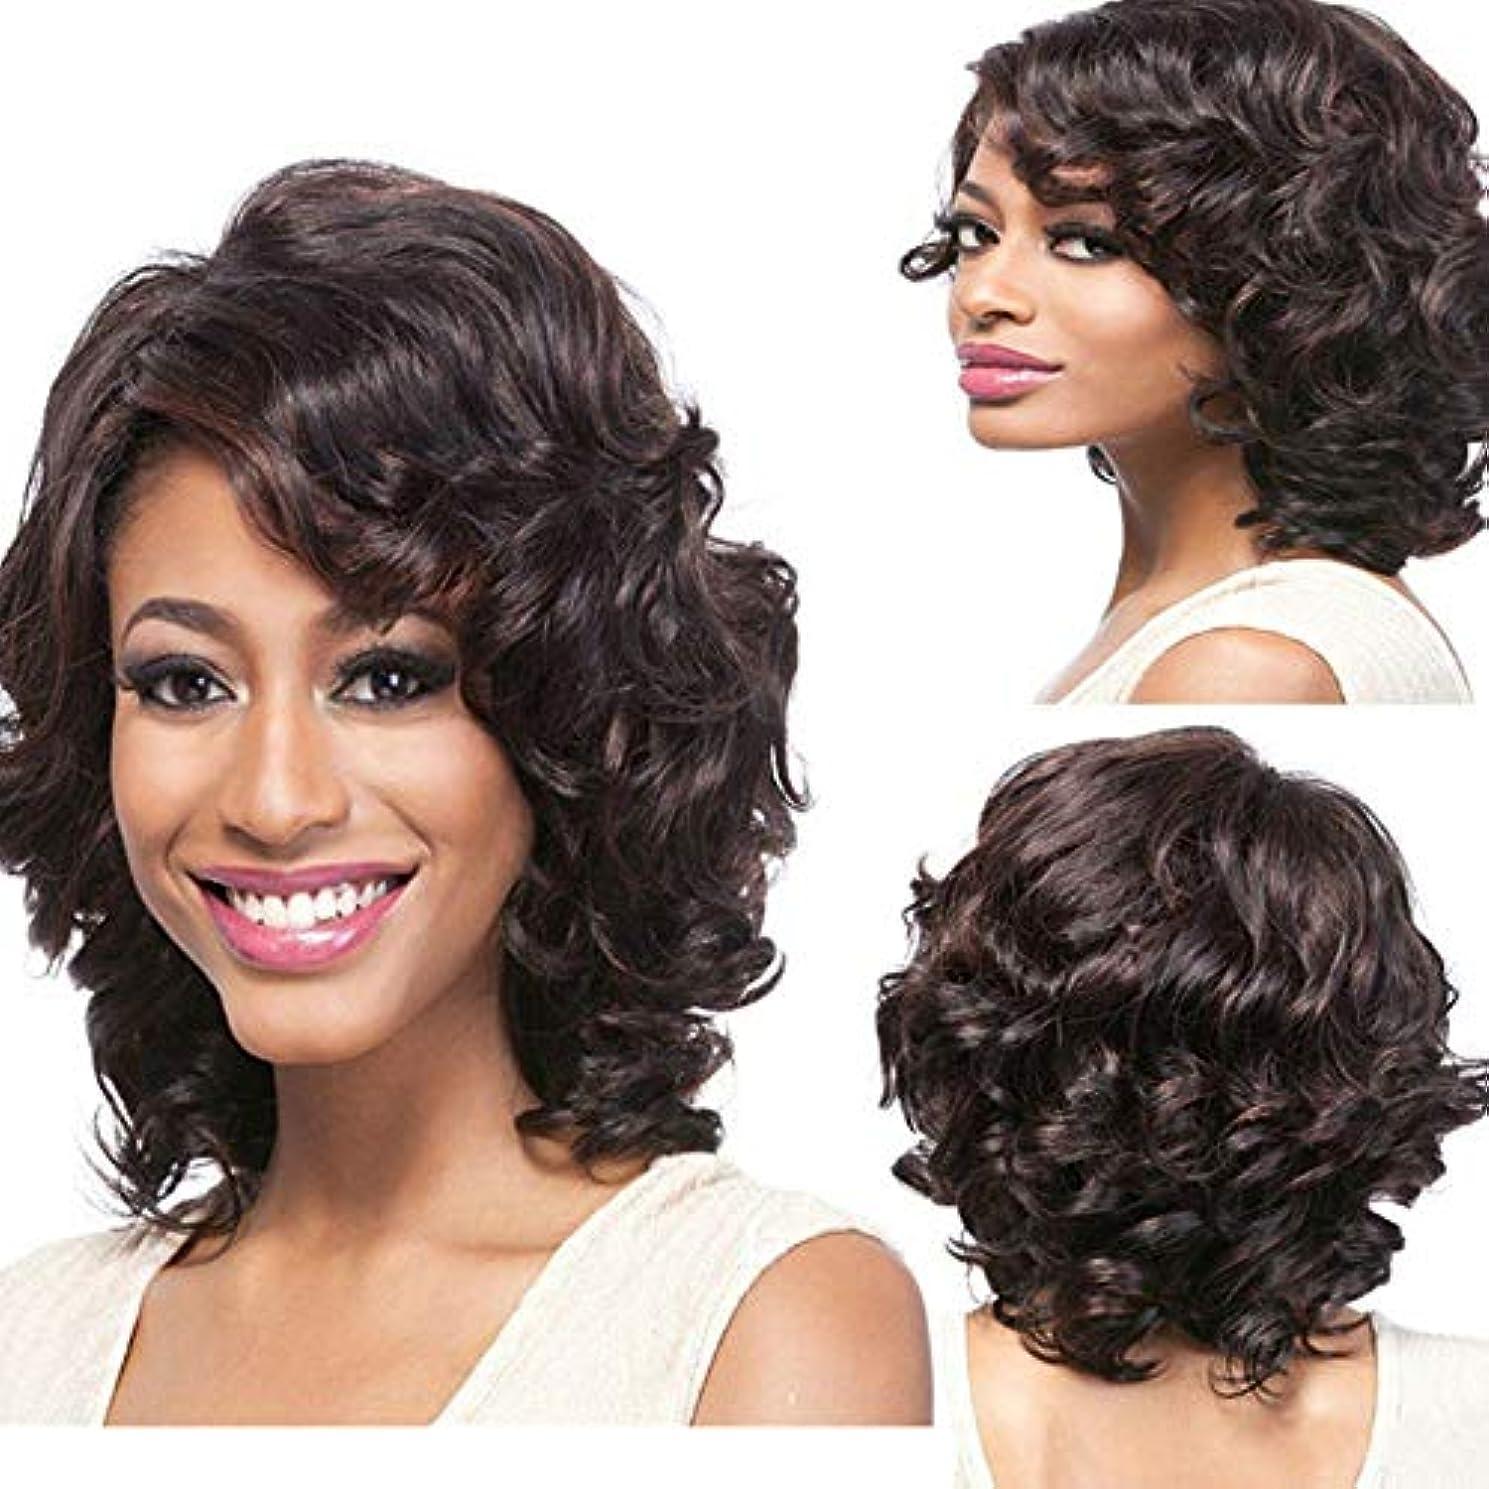 面倒頬真似るYOUQIU 女子サイドショートカーリーヘアウィッグ斜め前髪は染色高温シルク化学繊維ヘアウィッグウィッグを選びます (色 : Photo Color, サイズ : 30~32cm)